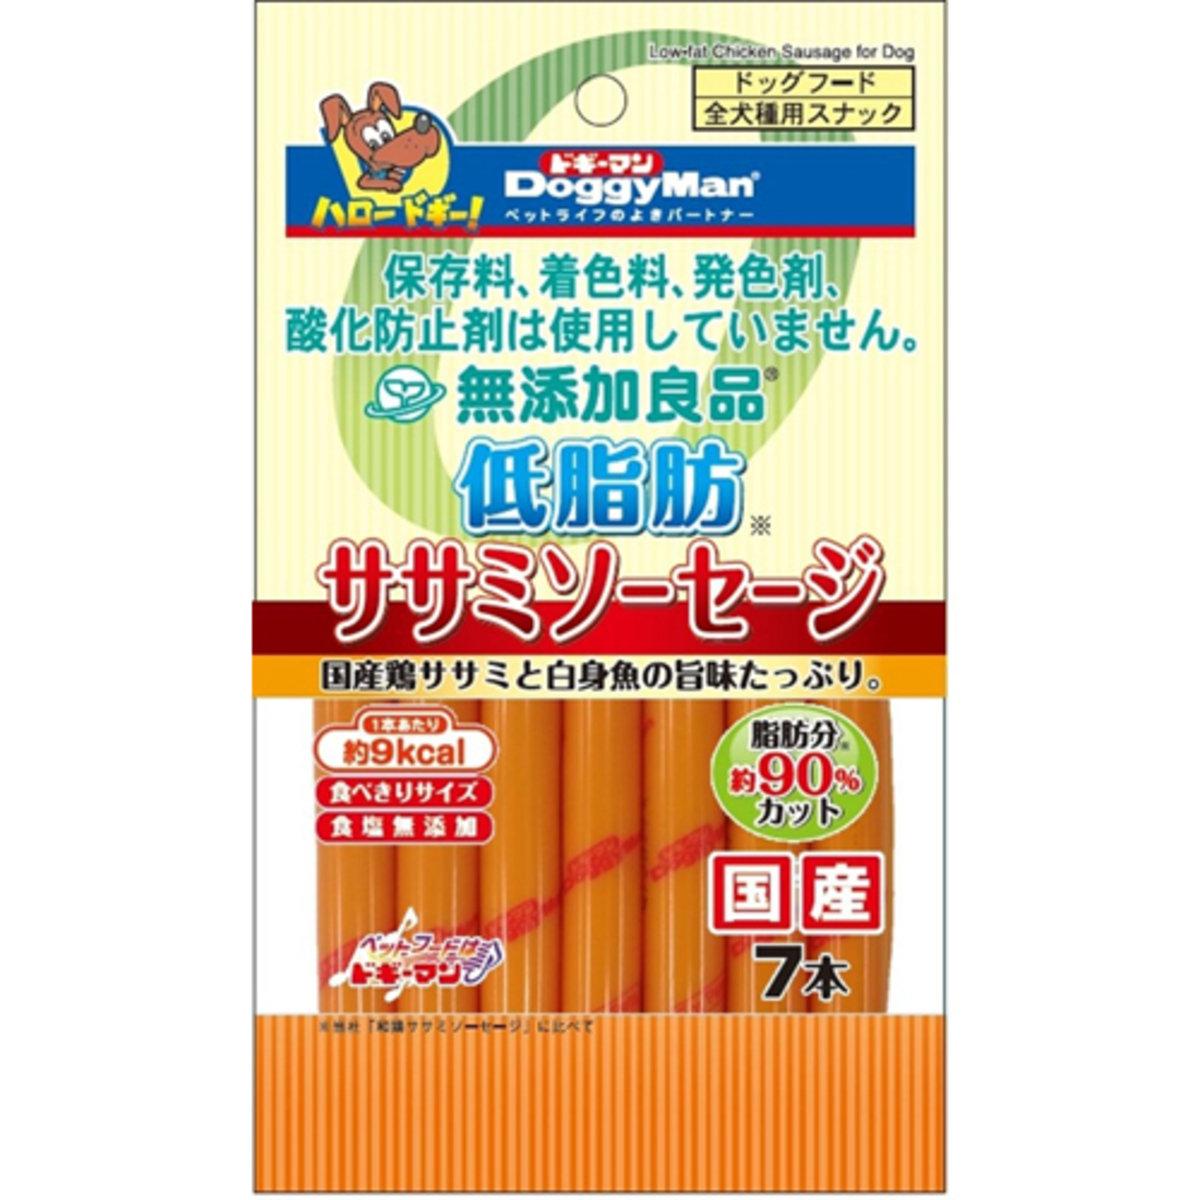 日本 DoggyMan 低脂肪雞魚肉腸